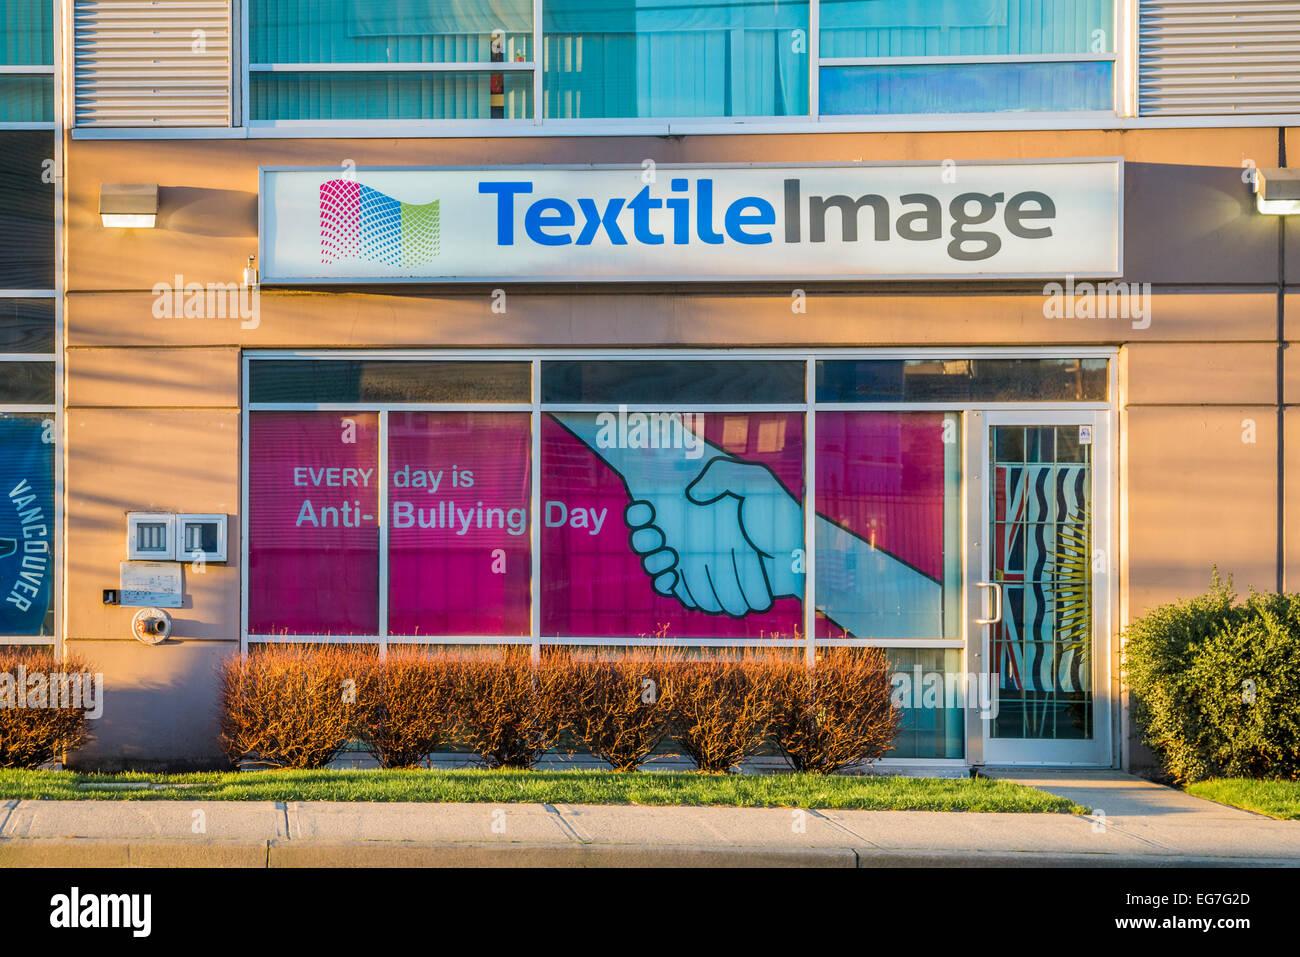 Anti-Bullying day poster nella finestra di immagine Tessile, Vancouver, British Columbia, Canada Immagini Stock